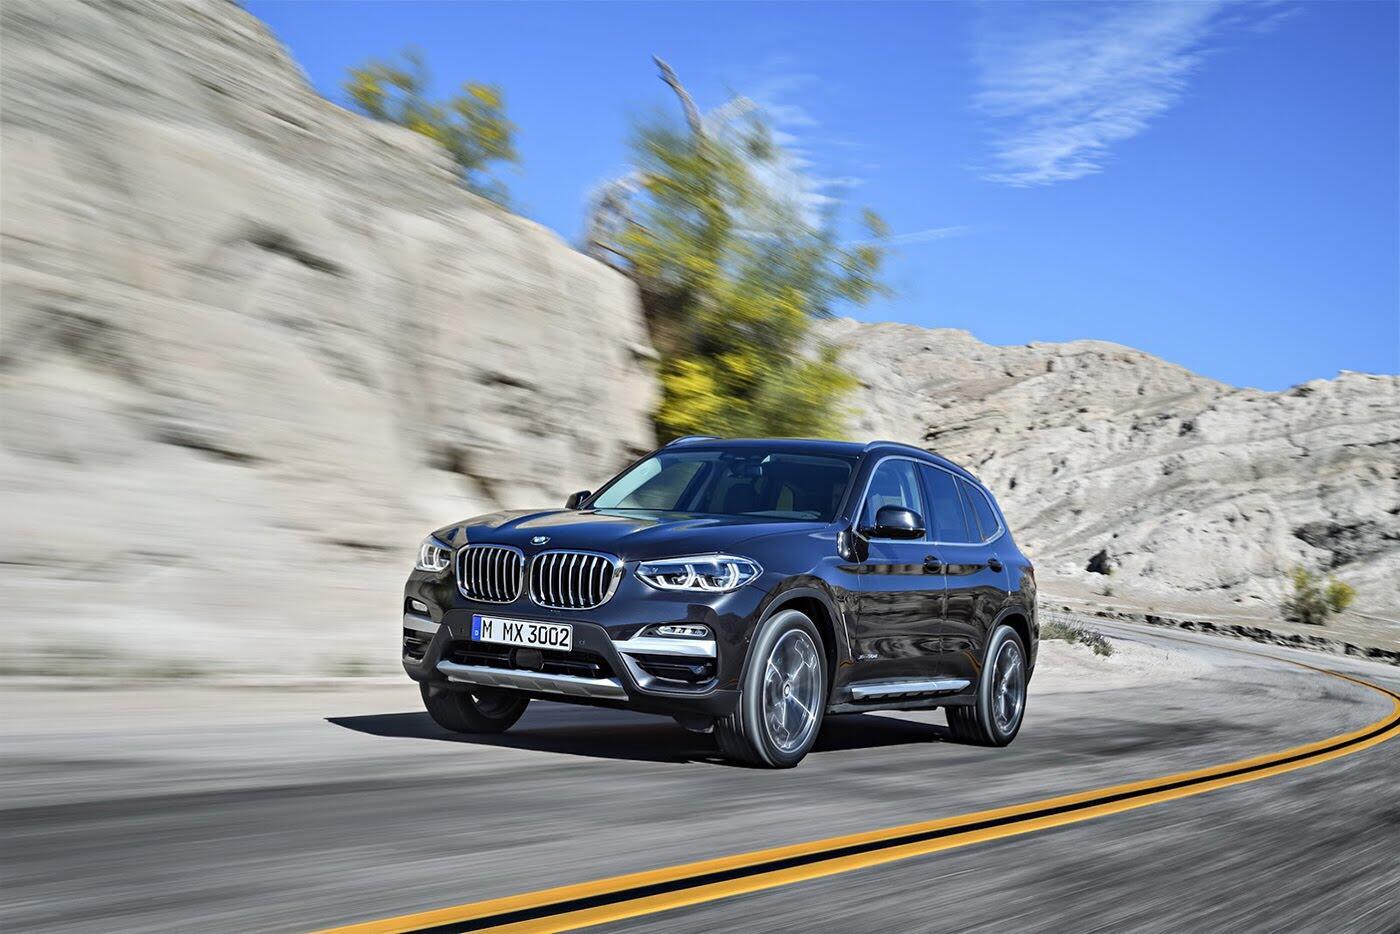 Ảnh chi tiết BMW X3 2018 hoàn toàn mới - Hình 8